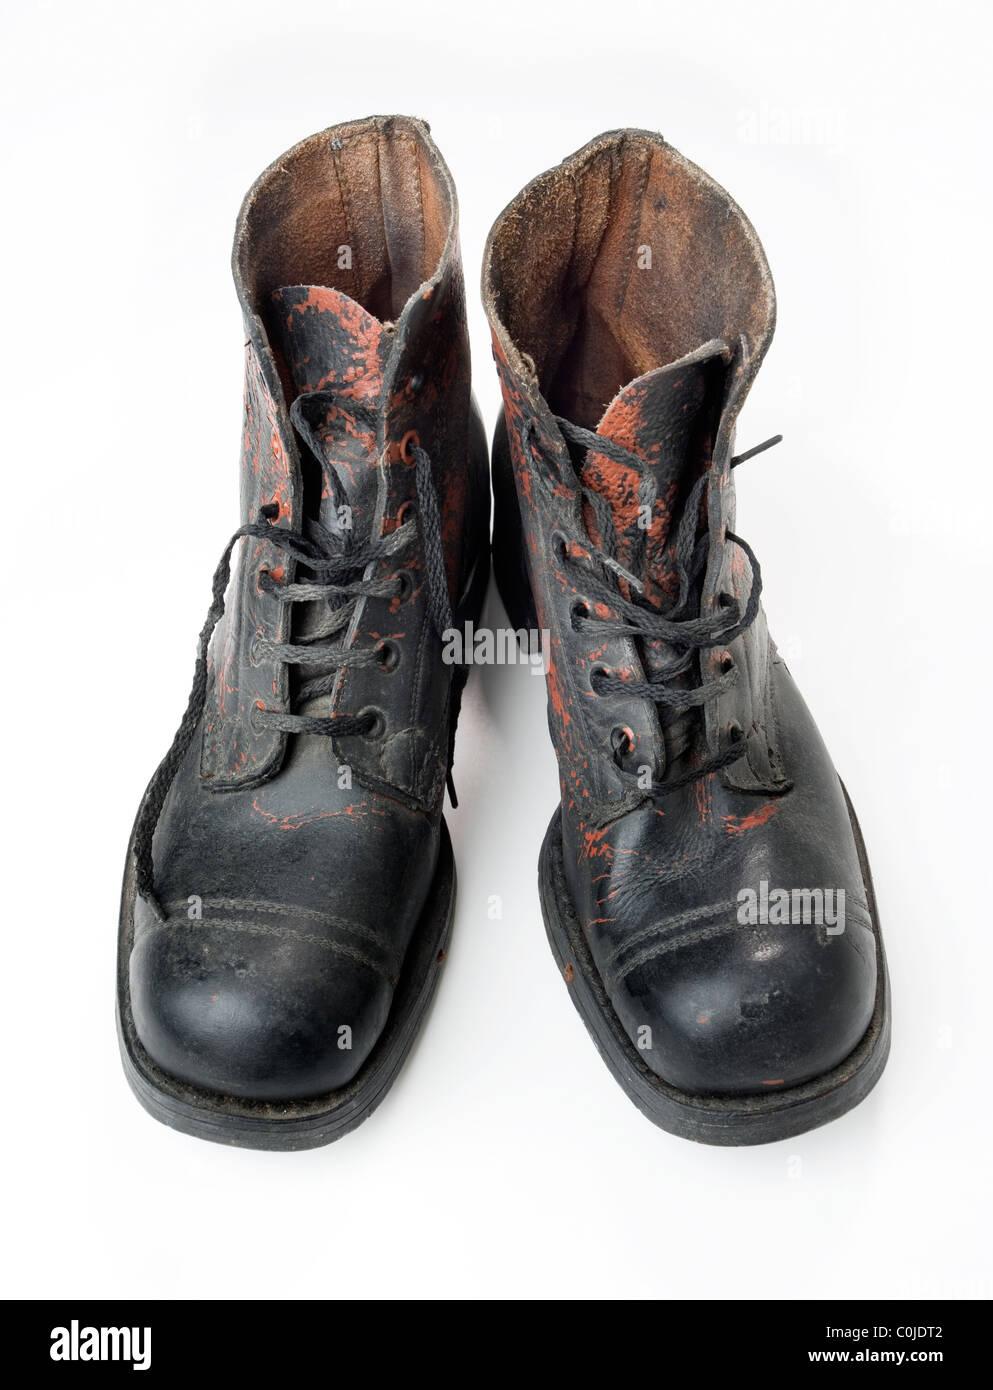 518739a56ce4a8 Genagelte Stiefel Stockfotos   Genagelte Stiefel Bilder - Alamy